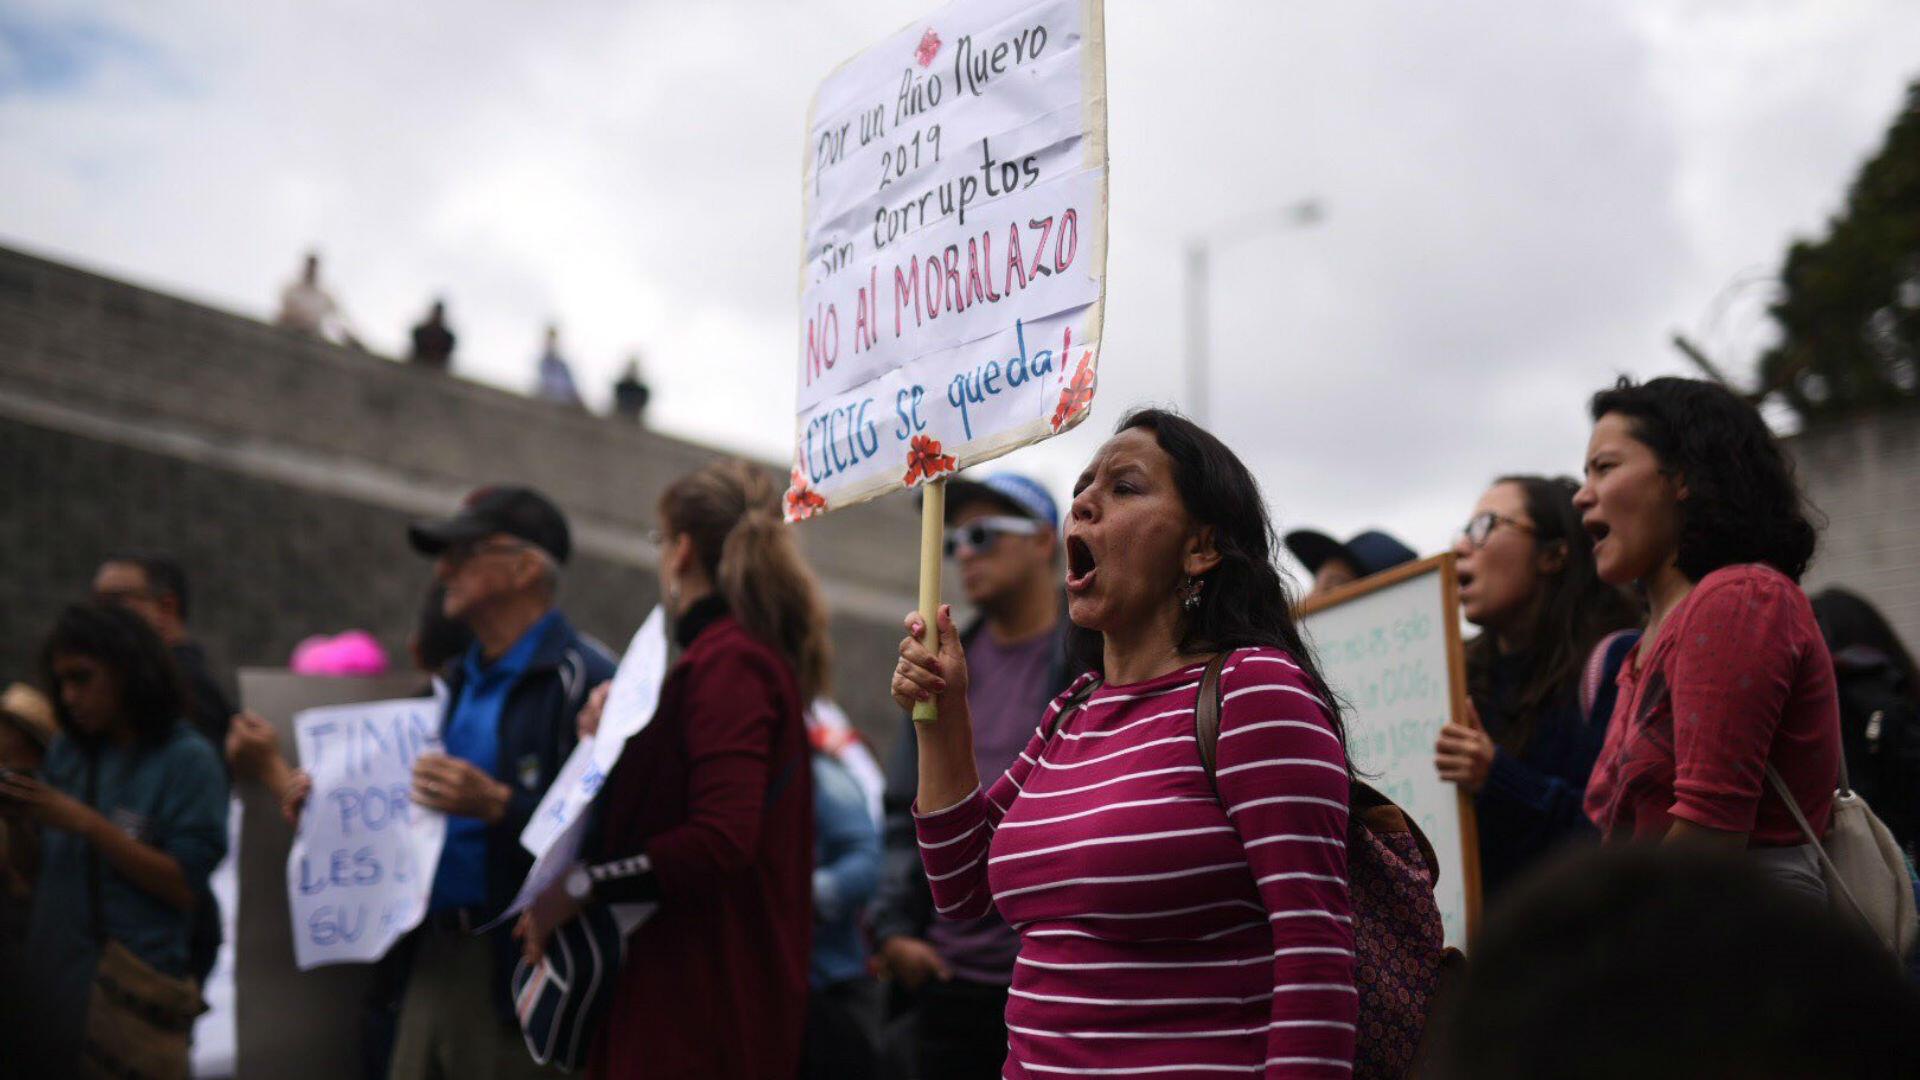 Decenas de manifestantes protestaron en rechazo al impedimento de acceso de investigadores de la Comisión Internacional Contra la Impunidad en Guatemala (Cicig) en el Aeropuerto Internacional La Aurora, en Ciudad de Guatemala, el 6 de enero de 2019.